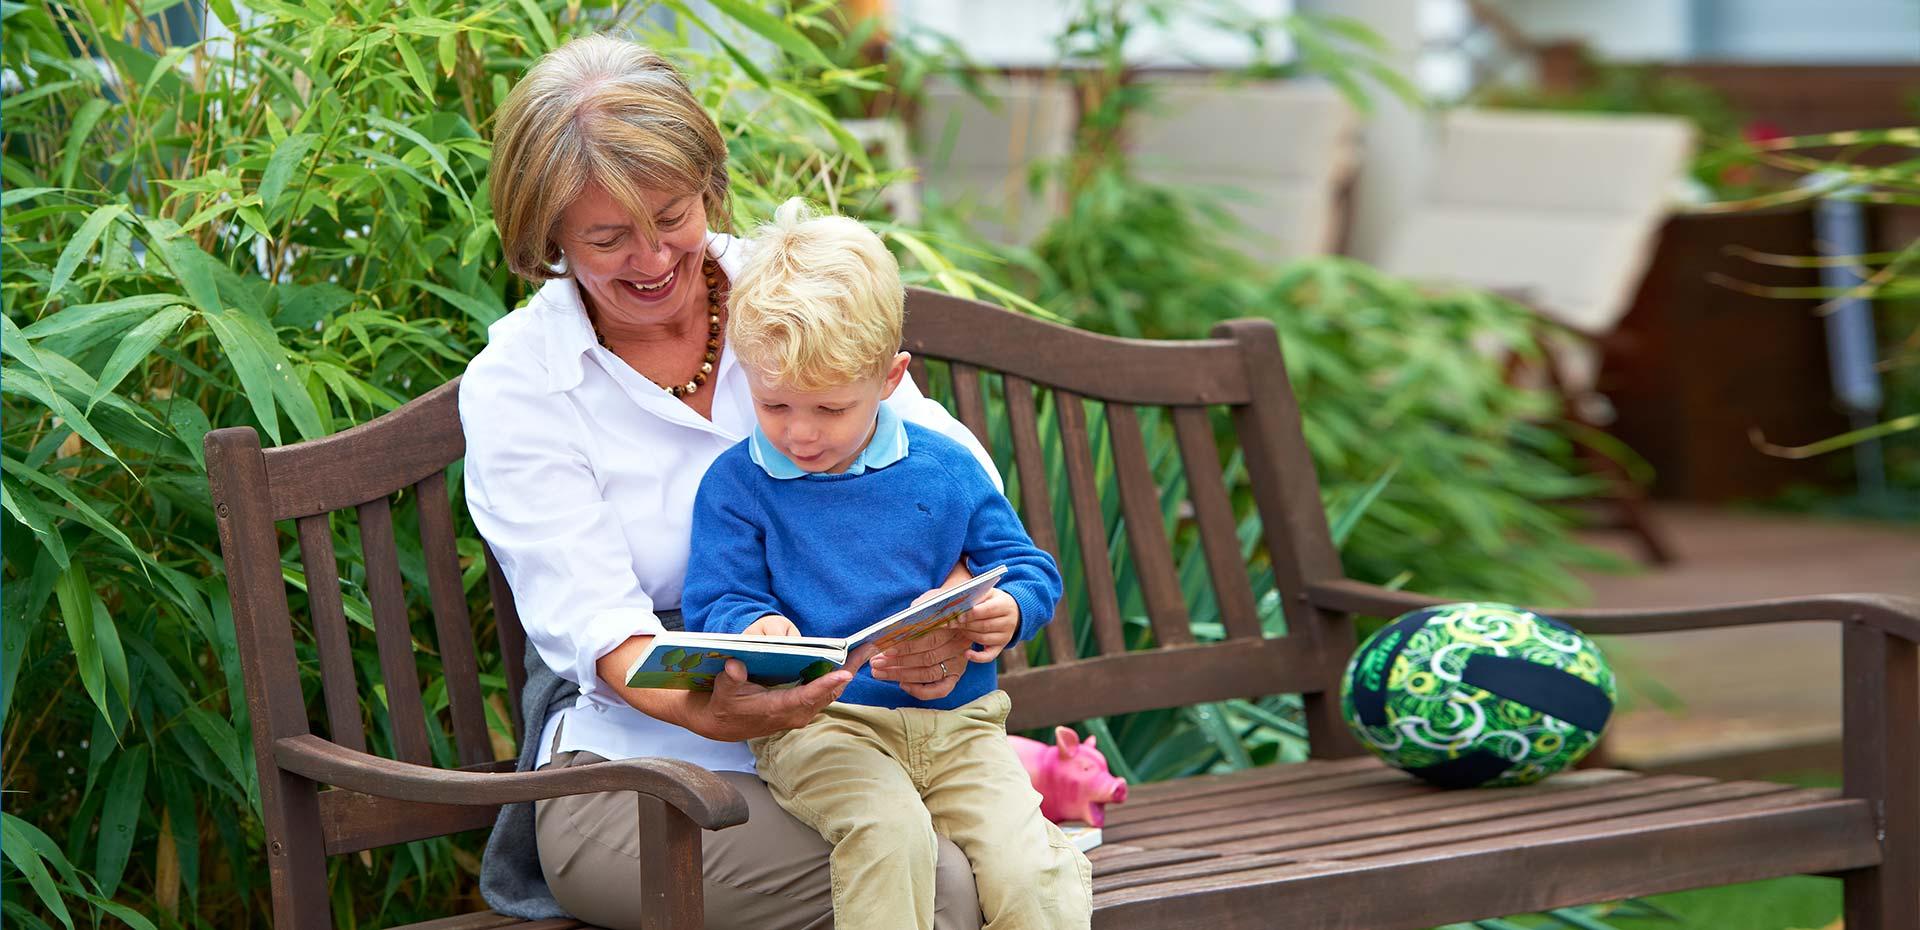 Oma und Enkel schauen sich auf einer Bank ein Bilderbuch an